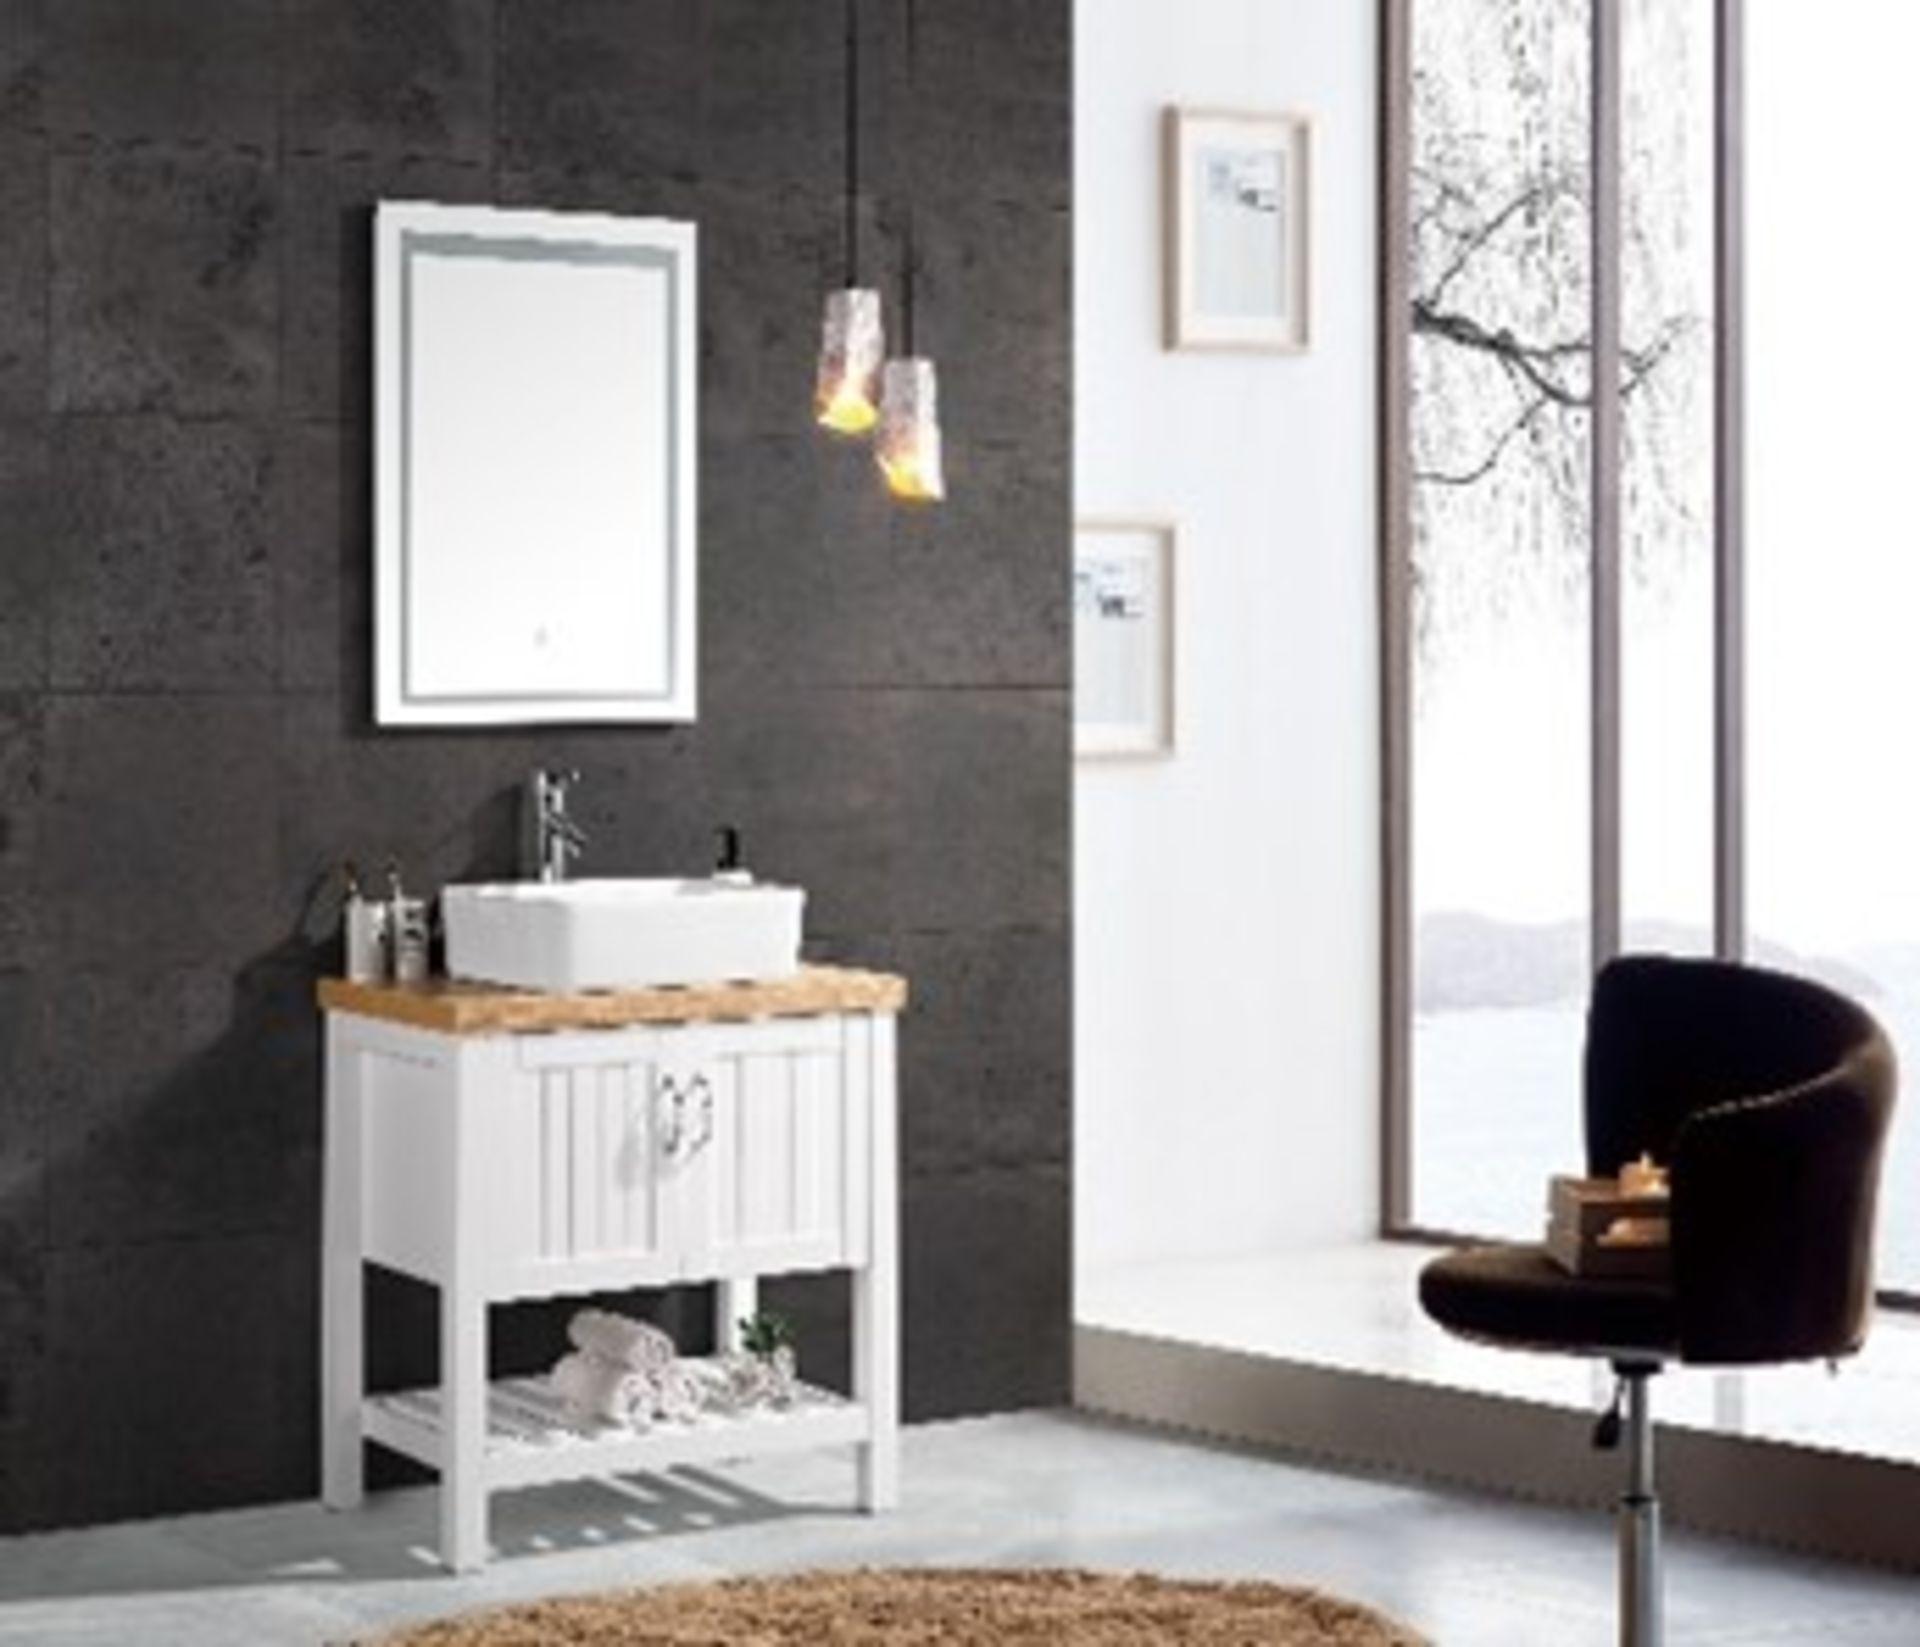 Lot 3 - Miura Vanity Unit & Basin Sink Floor Standing Victorian Bathroom